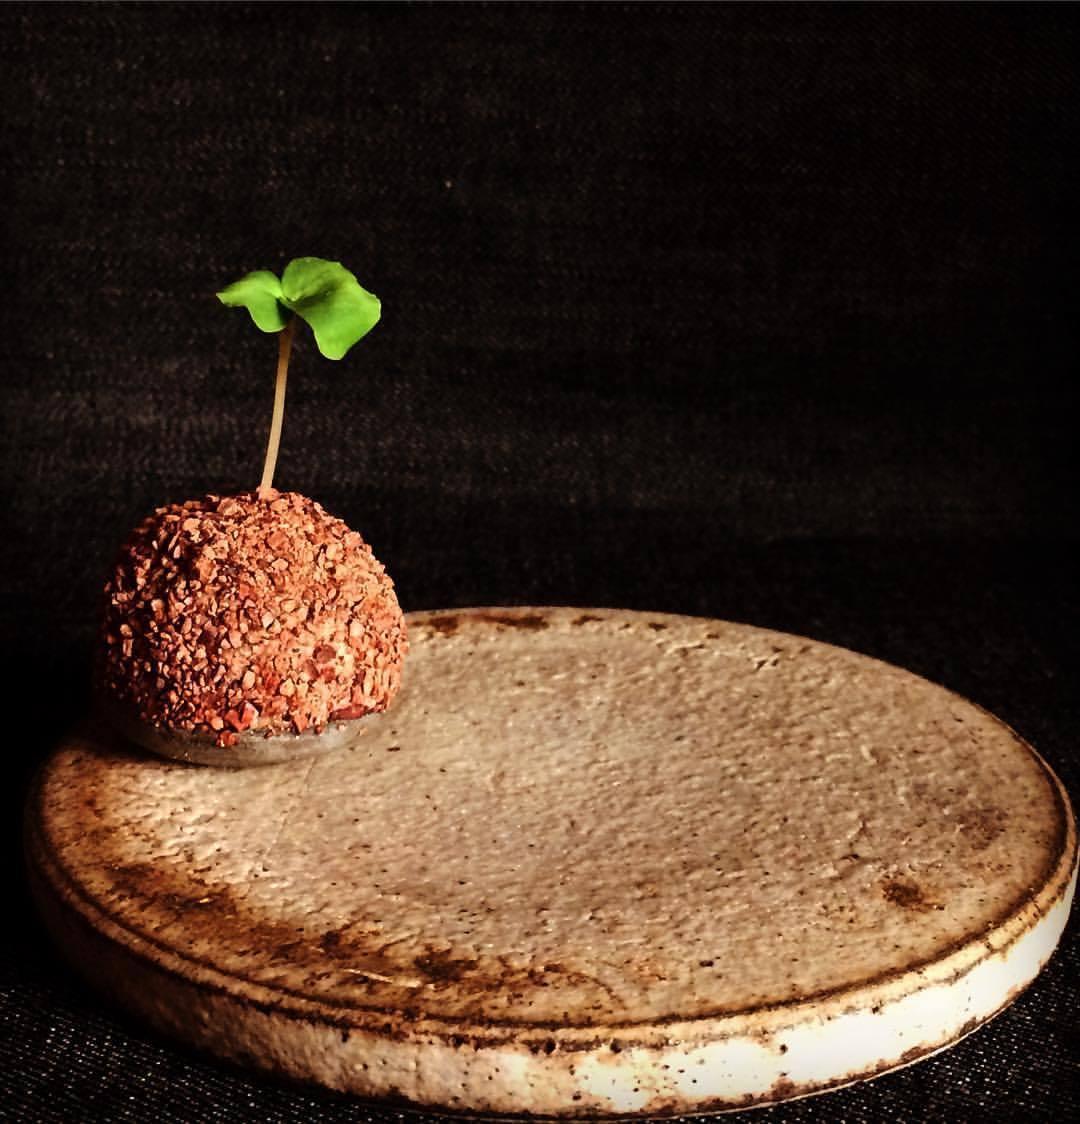 【決定版】代々木上原絶品グルメ!食通も唸るおすすめ人気店14選◎の画像